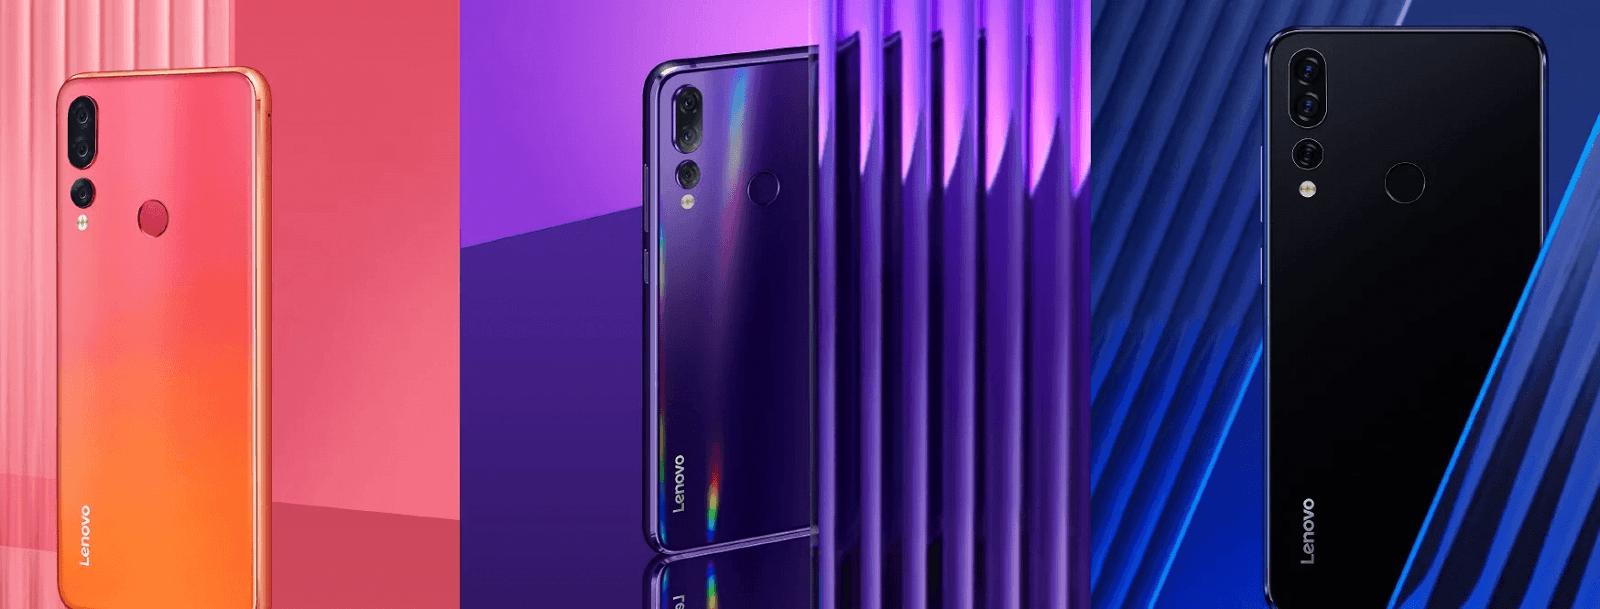 Экран Lenovo Z5s занимает 92,6% площади лицевой панели